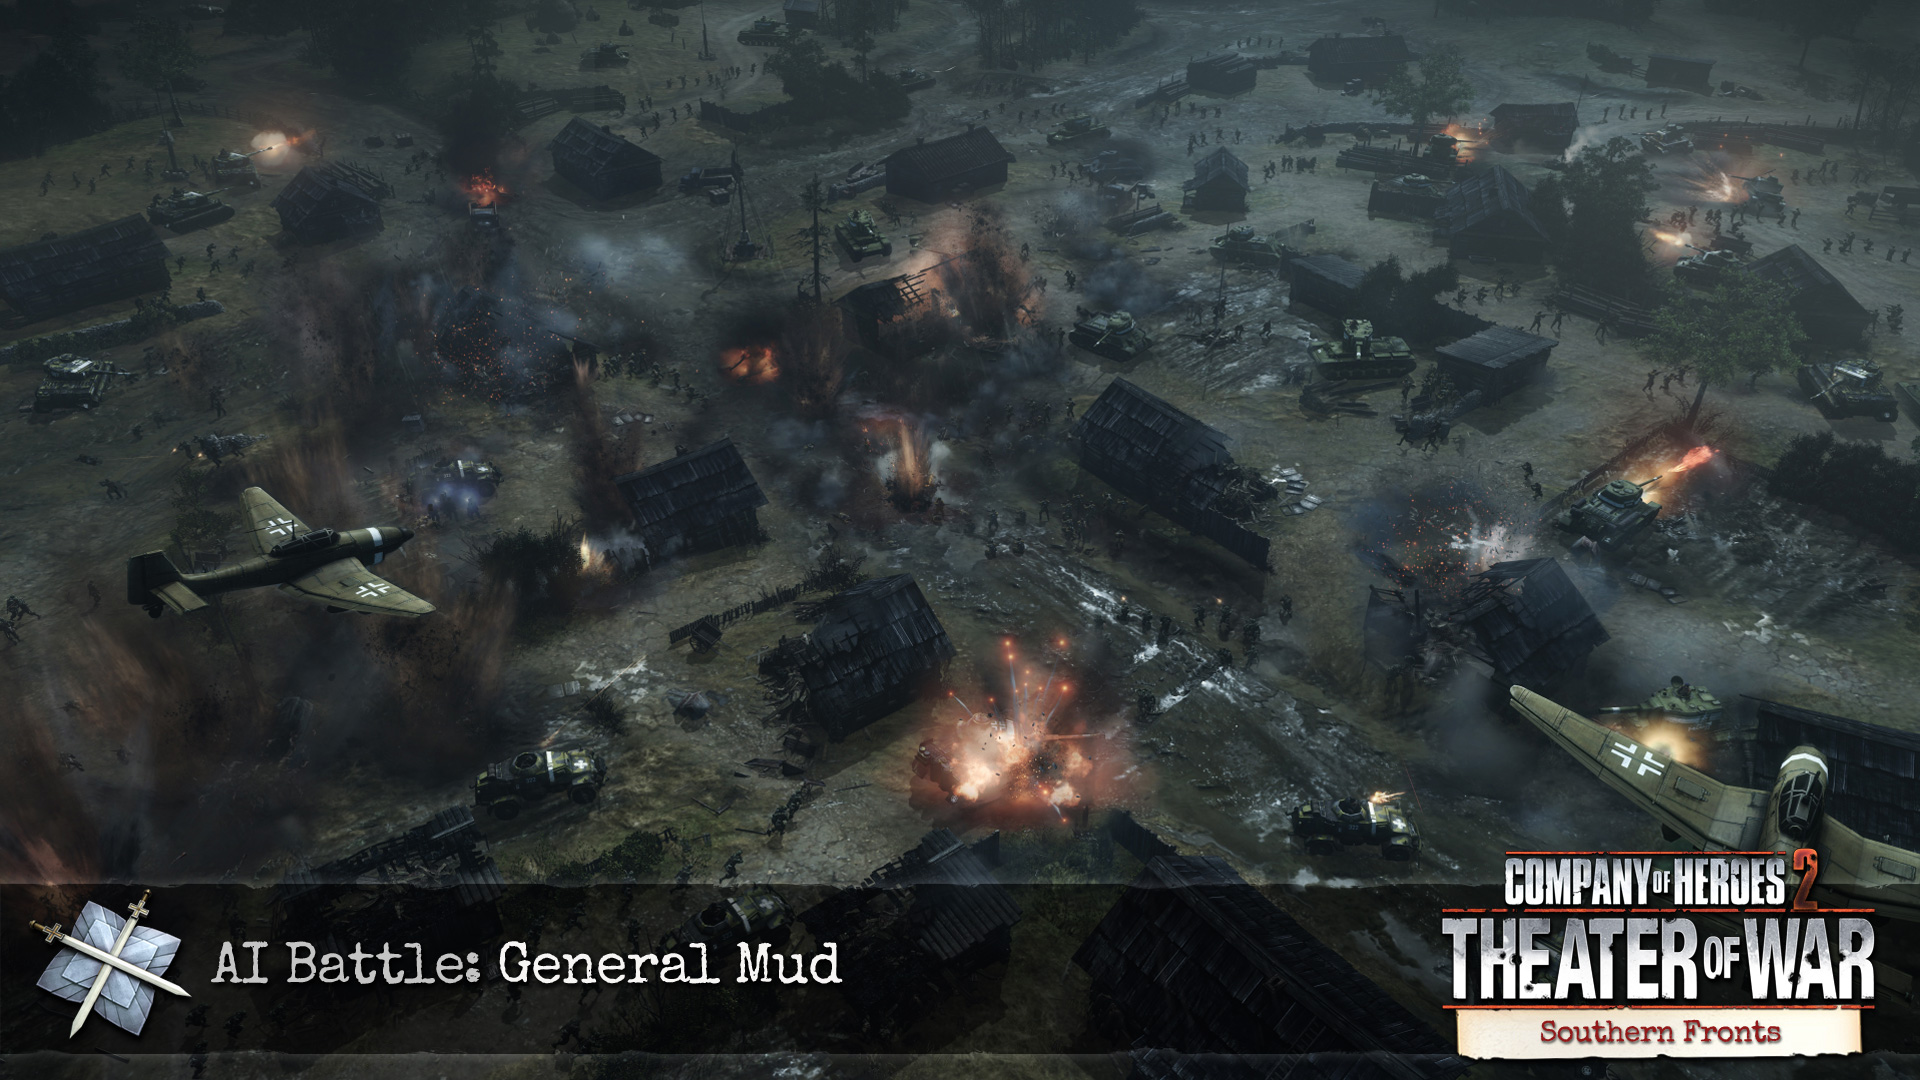 com.steam.260290-screenshot